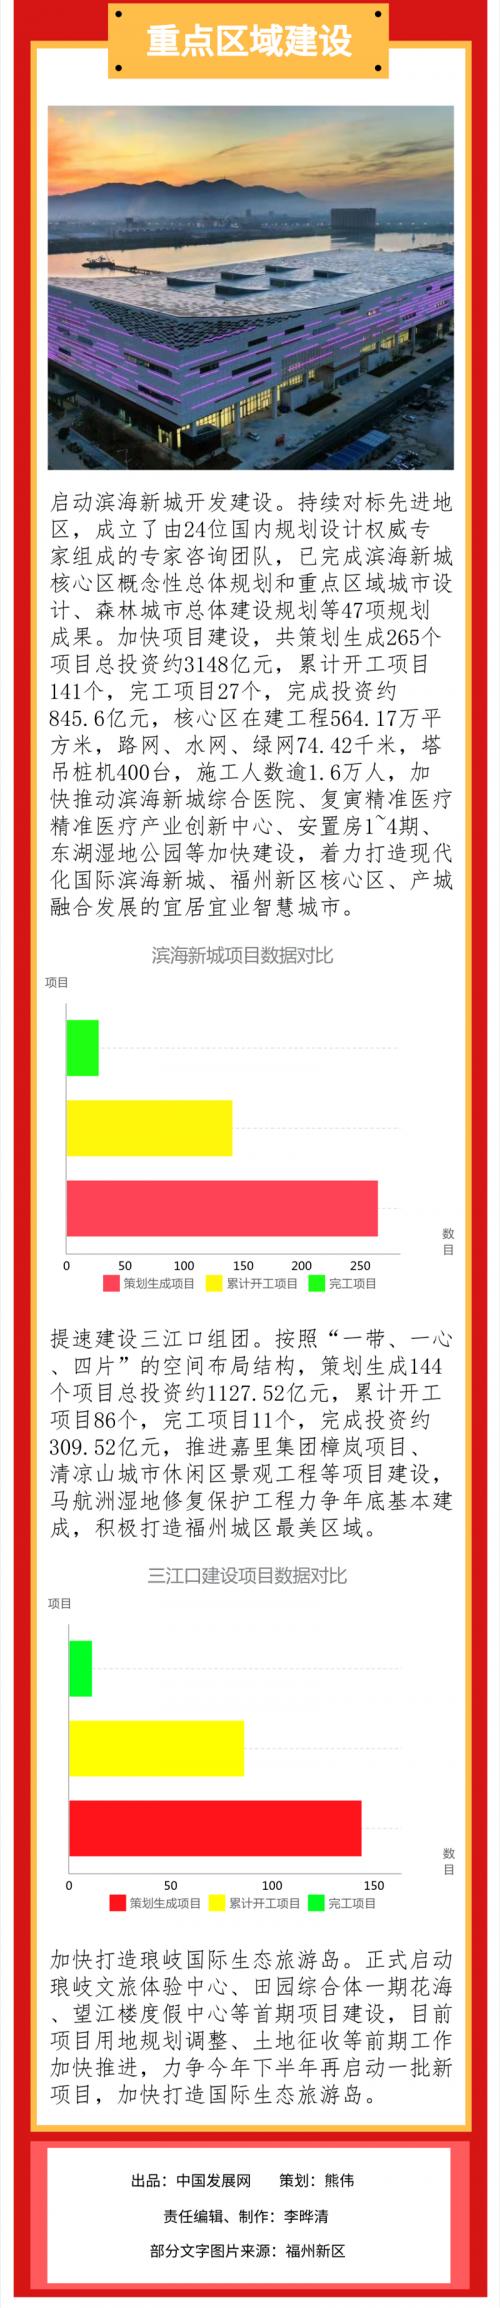 福州新区_xia